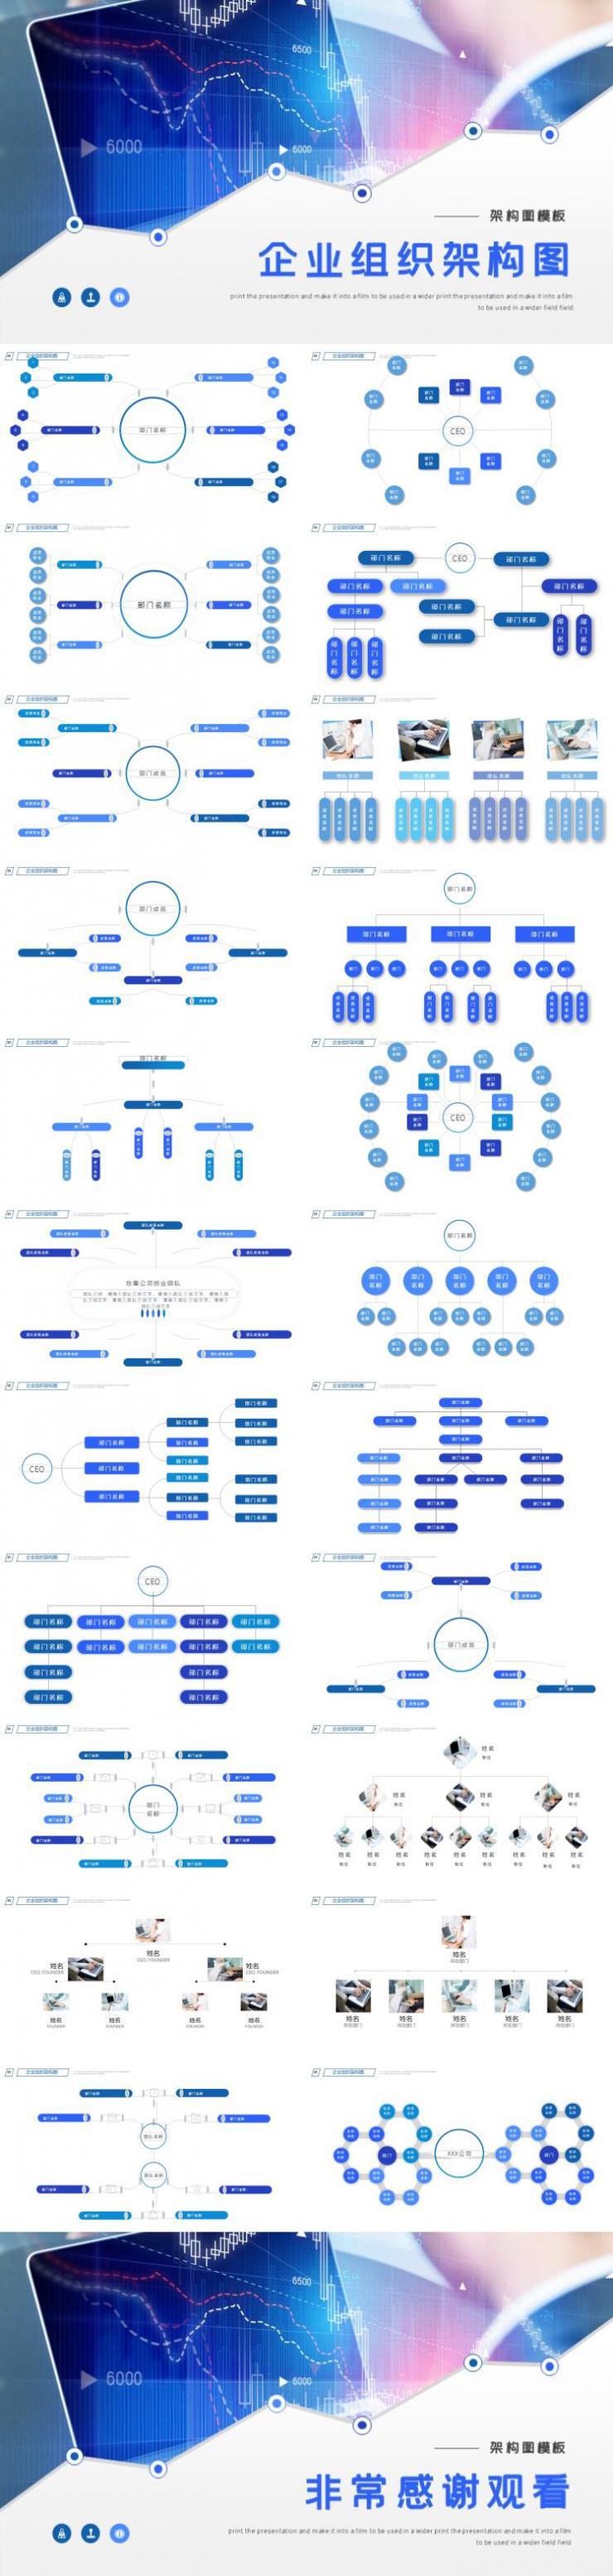 商务企业组织架构图图表PPT模板